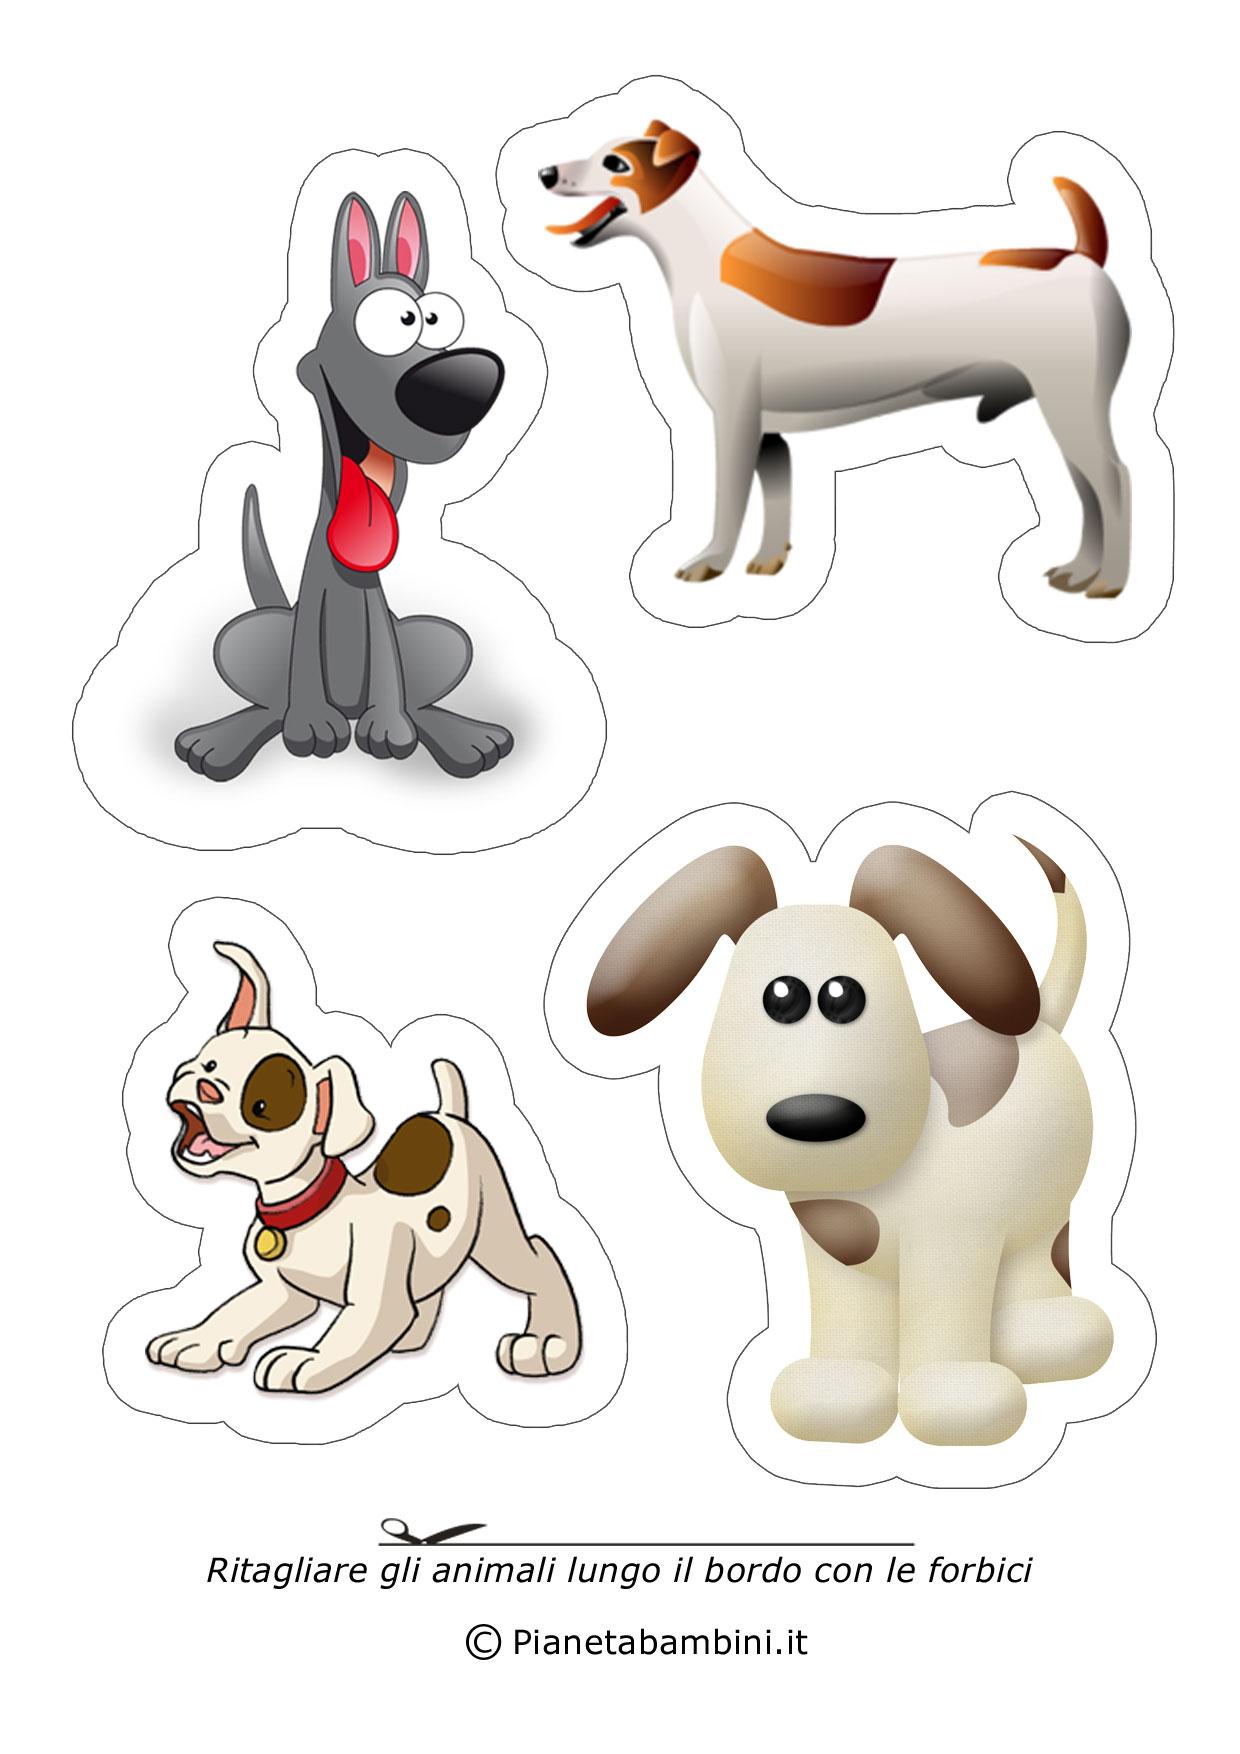 Disegni di animali da ritagliare e incollare per bambini - Cane da colorare le pagine libero ...